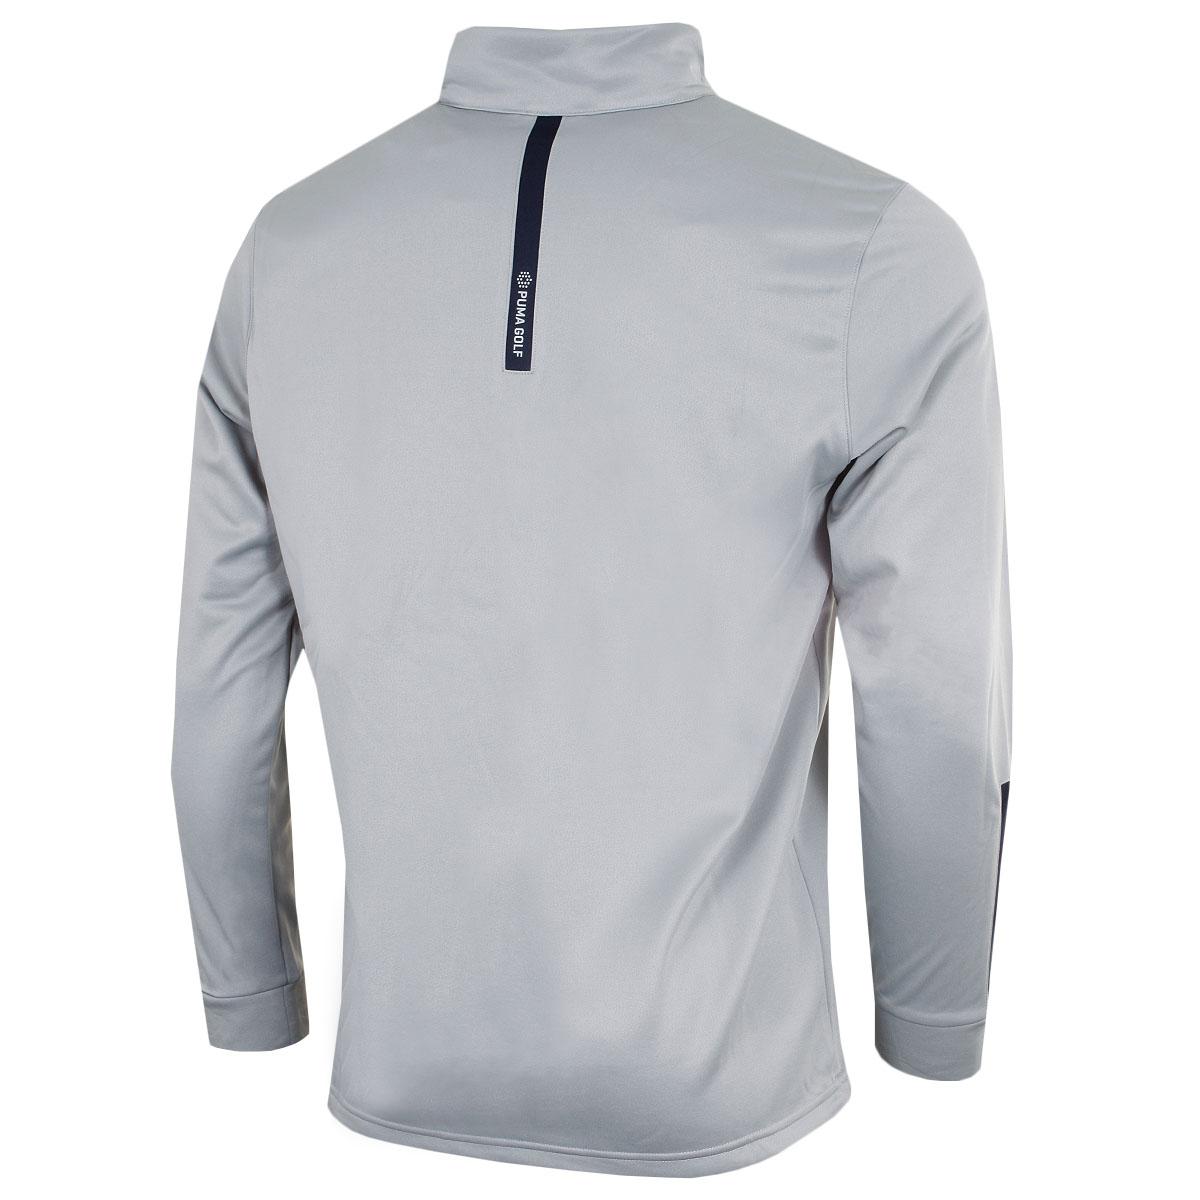 Puma-Golf-Mens-Midweight-1-4-Zip-Moisture-Wicking-WarmCELL-Fleece-46-OFF-RRP thumbnail 9